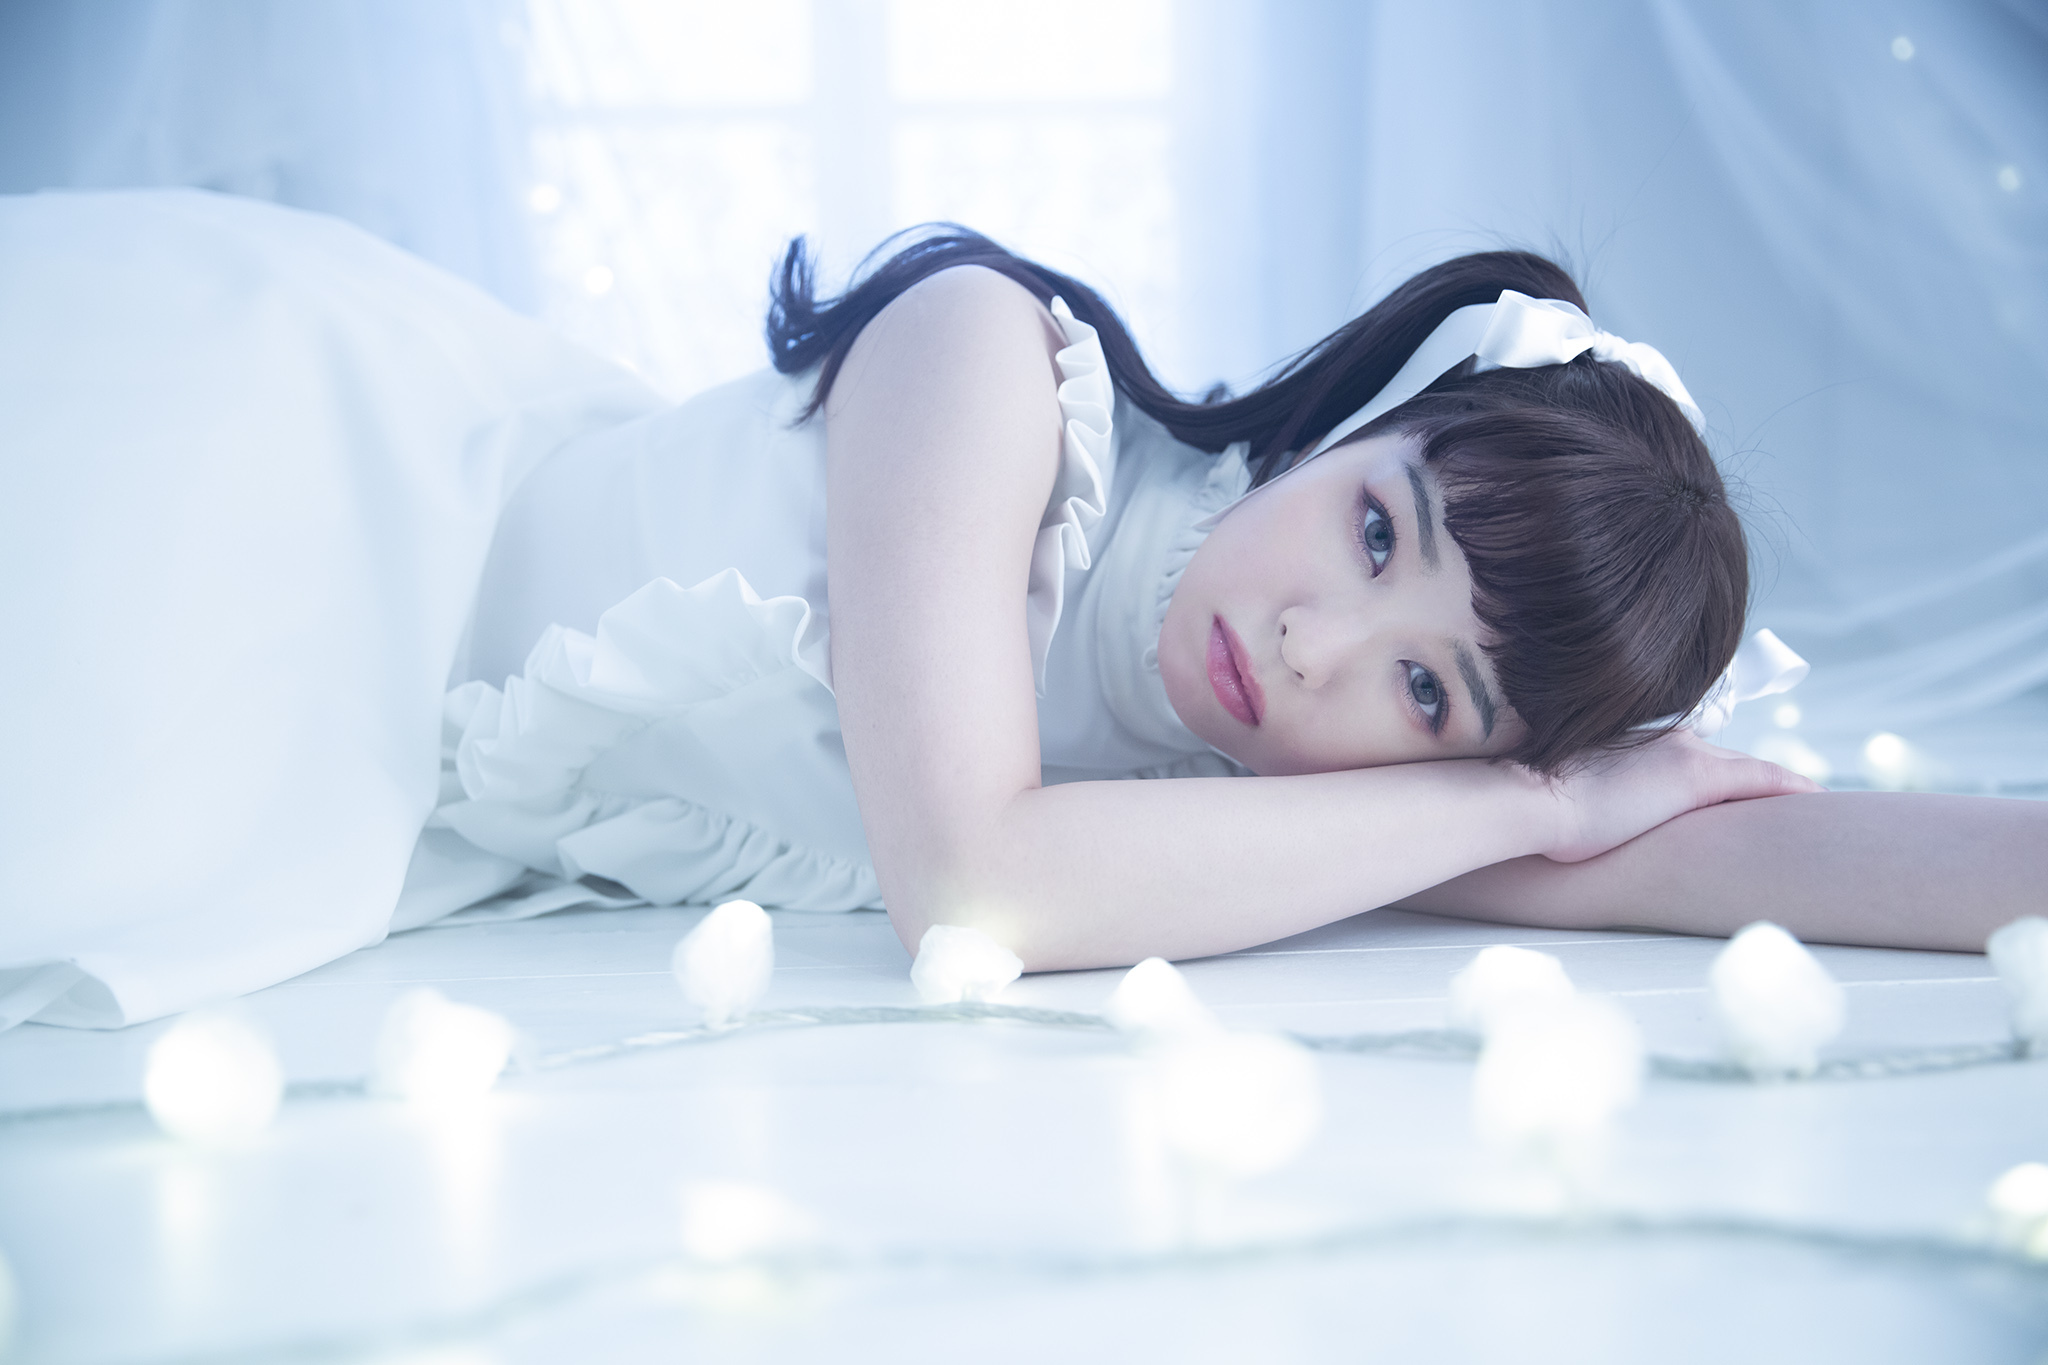 日本美少女歌手「春奈露娜」首本相册集《春奈るな1stフォトブック LUNA》发售,洛丽塔裙子仿若童话中人